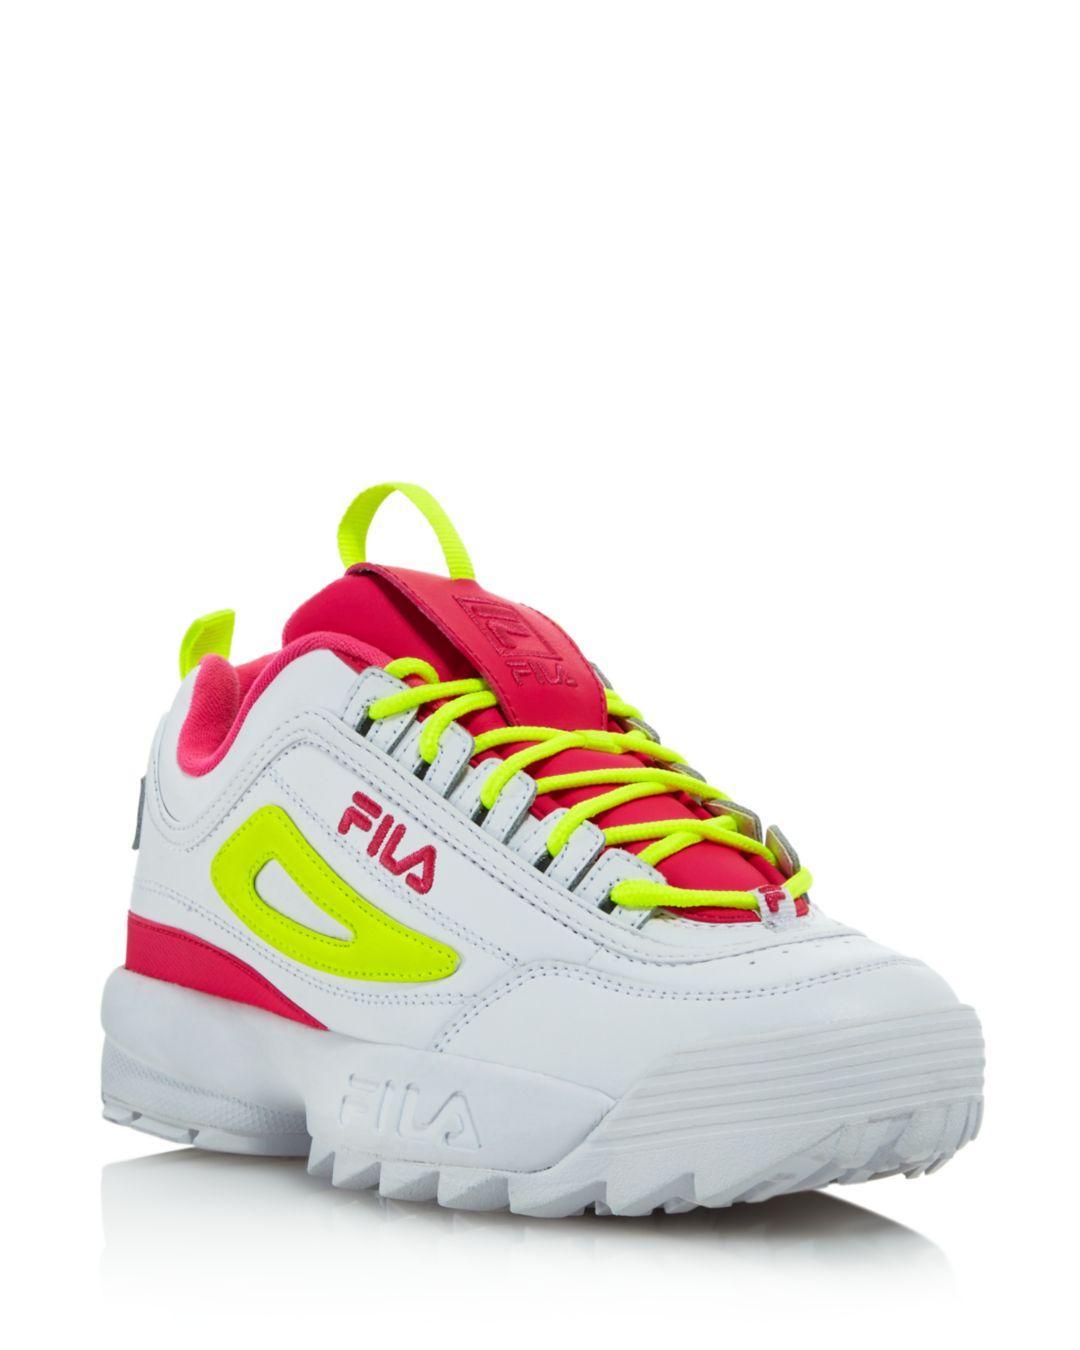 93e8e97e8570 Lyst - Fila Women s Disruptor 2 Premium Lace-up Sneakers in Pink